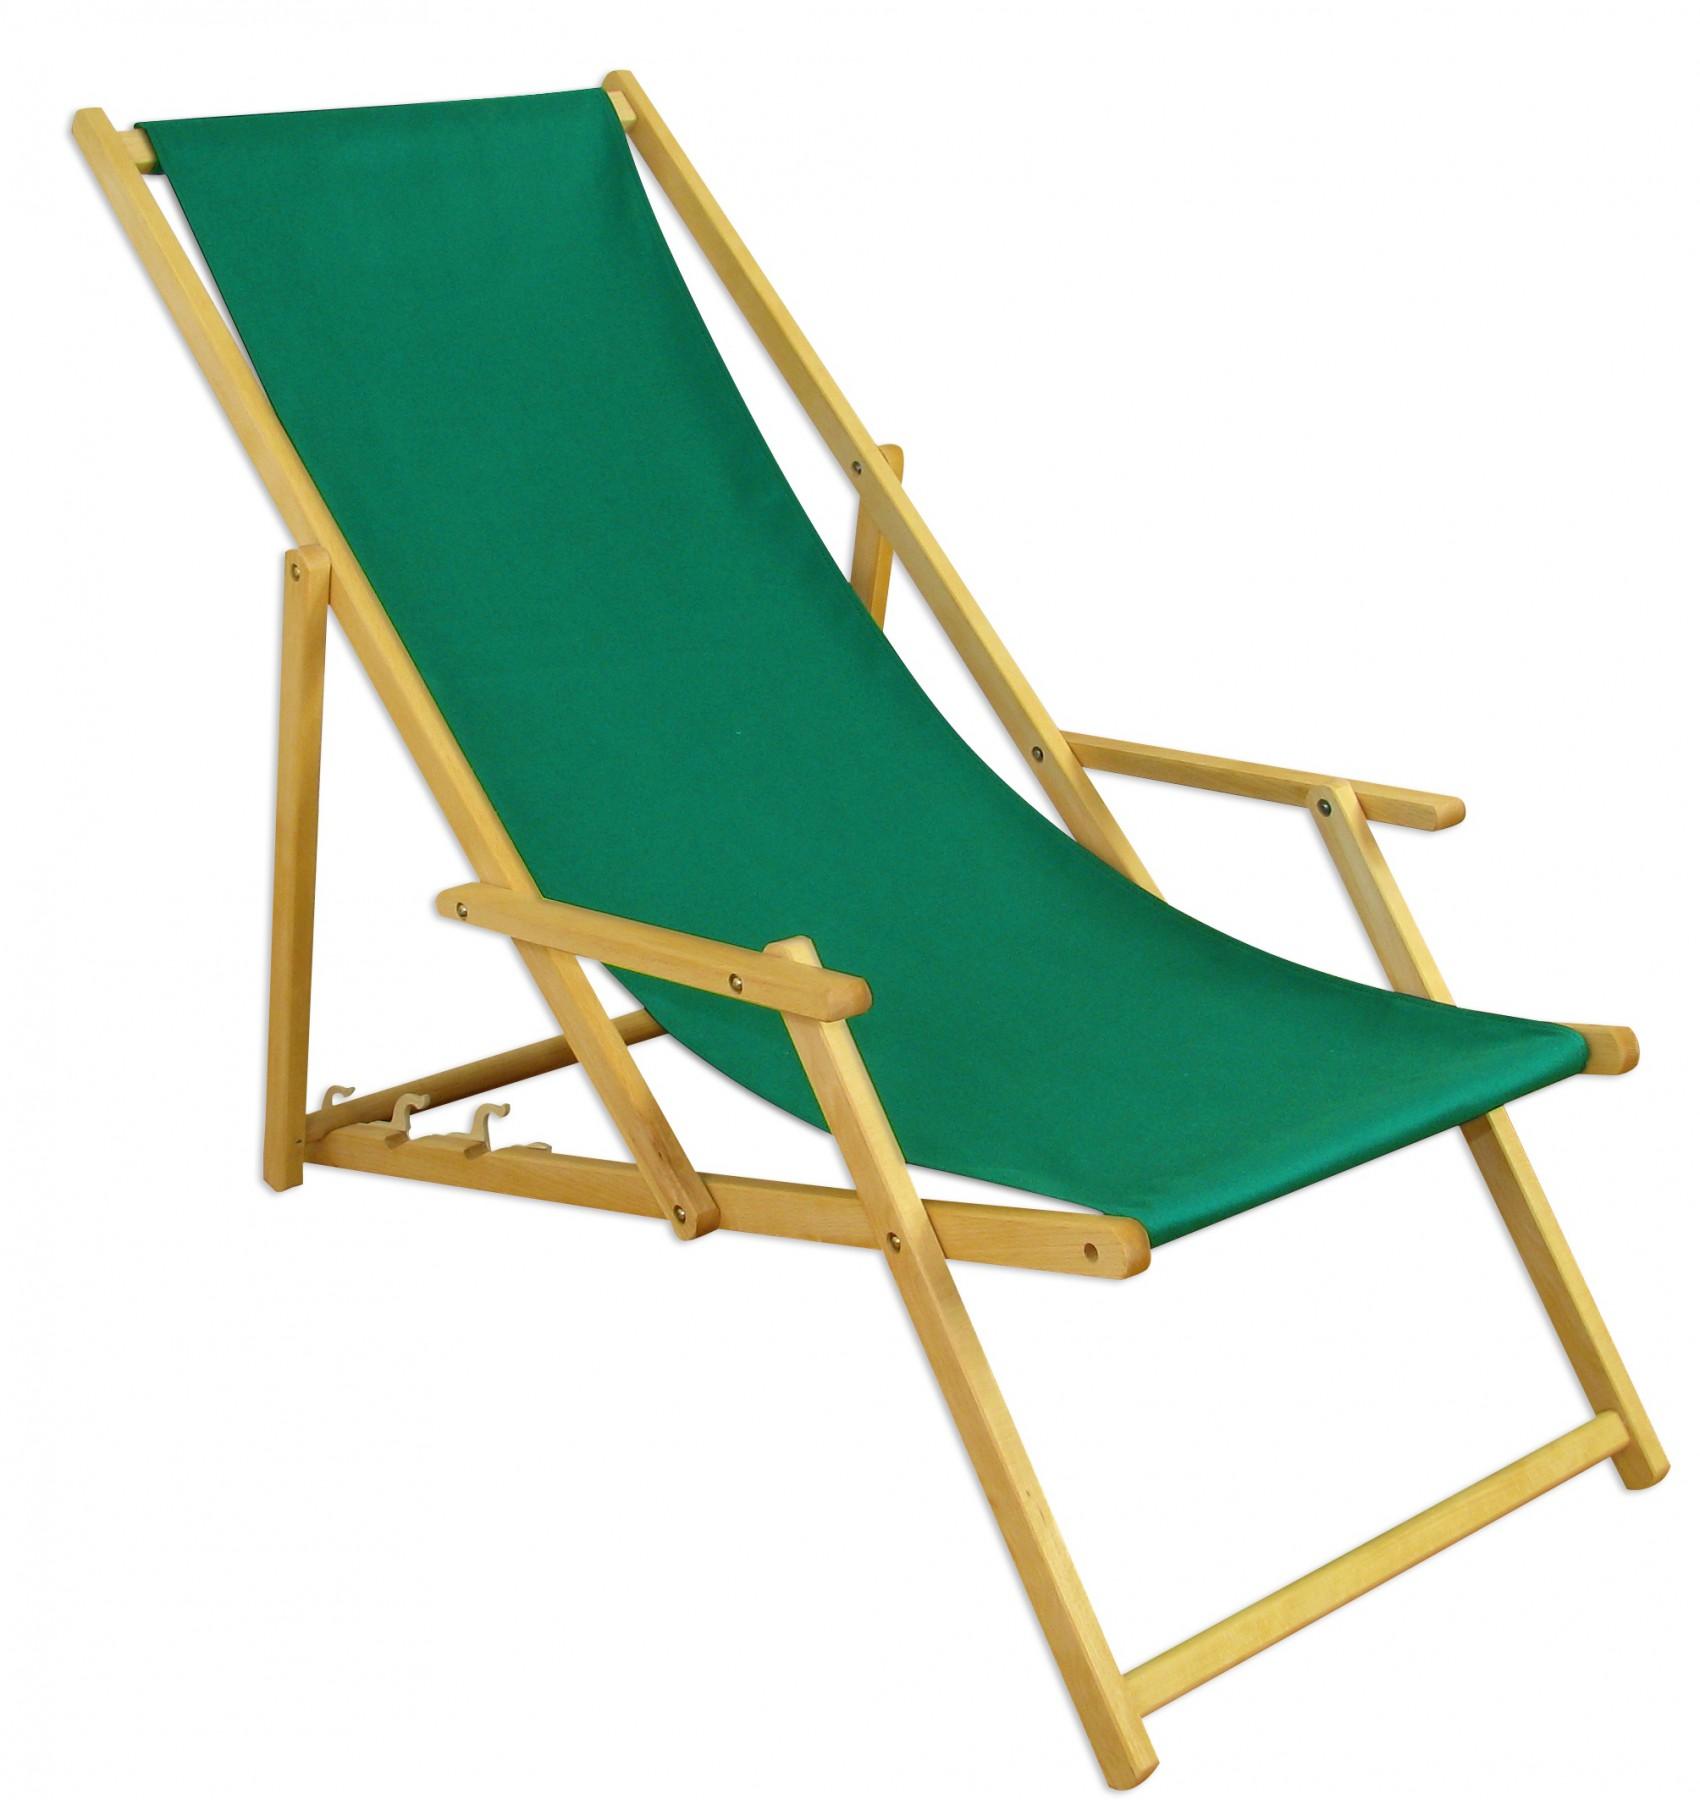 Chaise de Jardin Lit Soleil Plage Toit Ouvrant Bois Meubles 10-304 ...